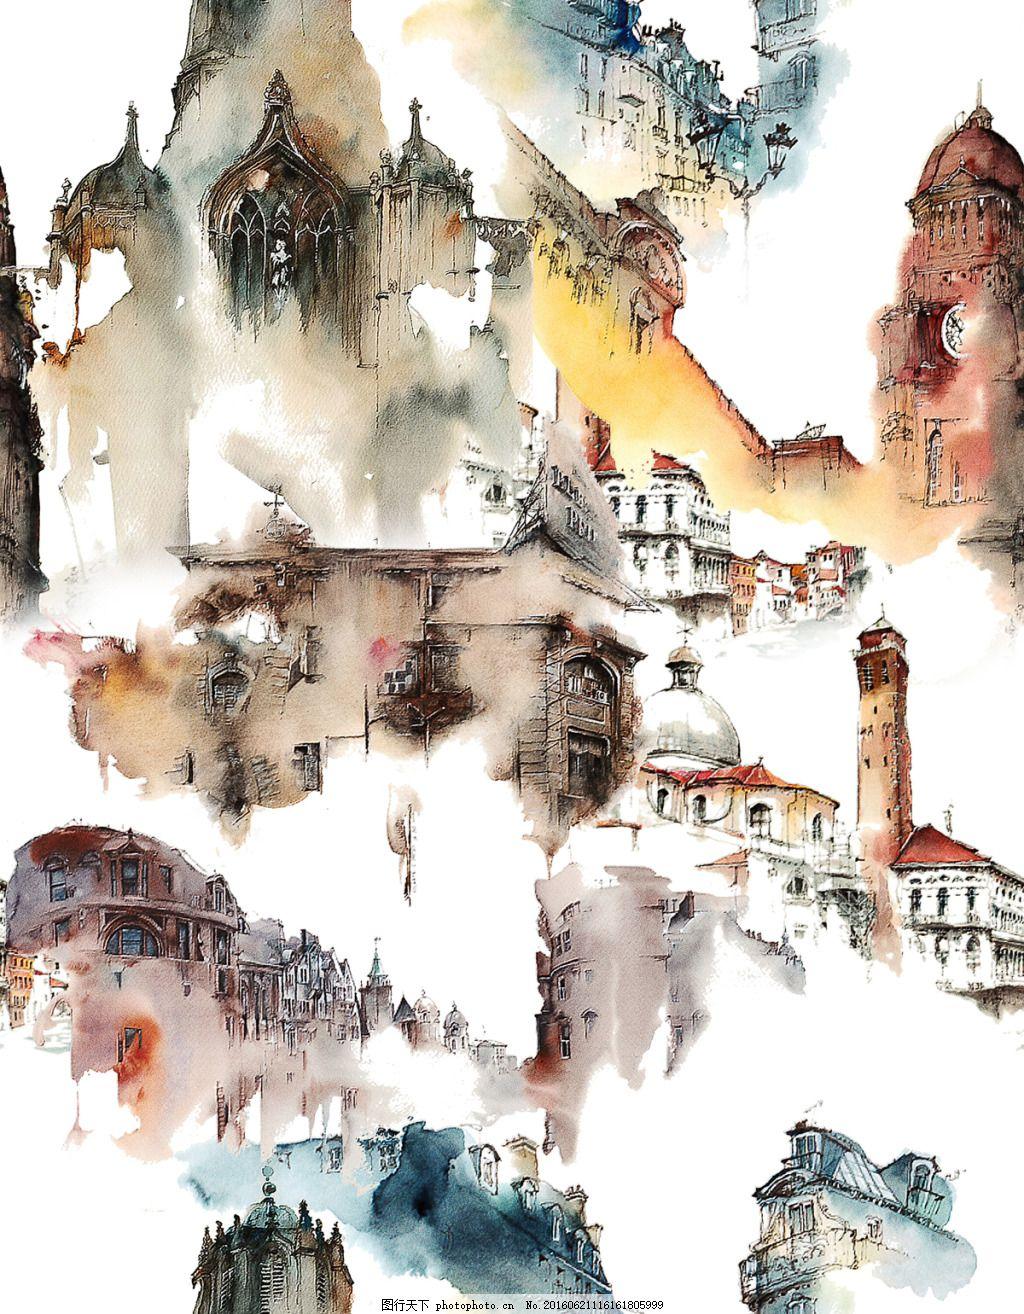 水彩建筑 水彩 建筑 水墨 手绘 城堡 tif 白色 tif